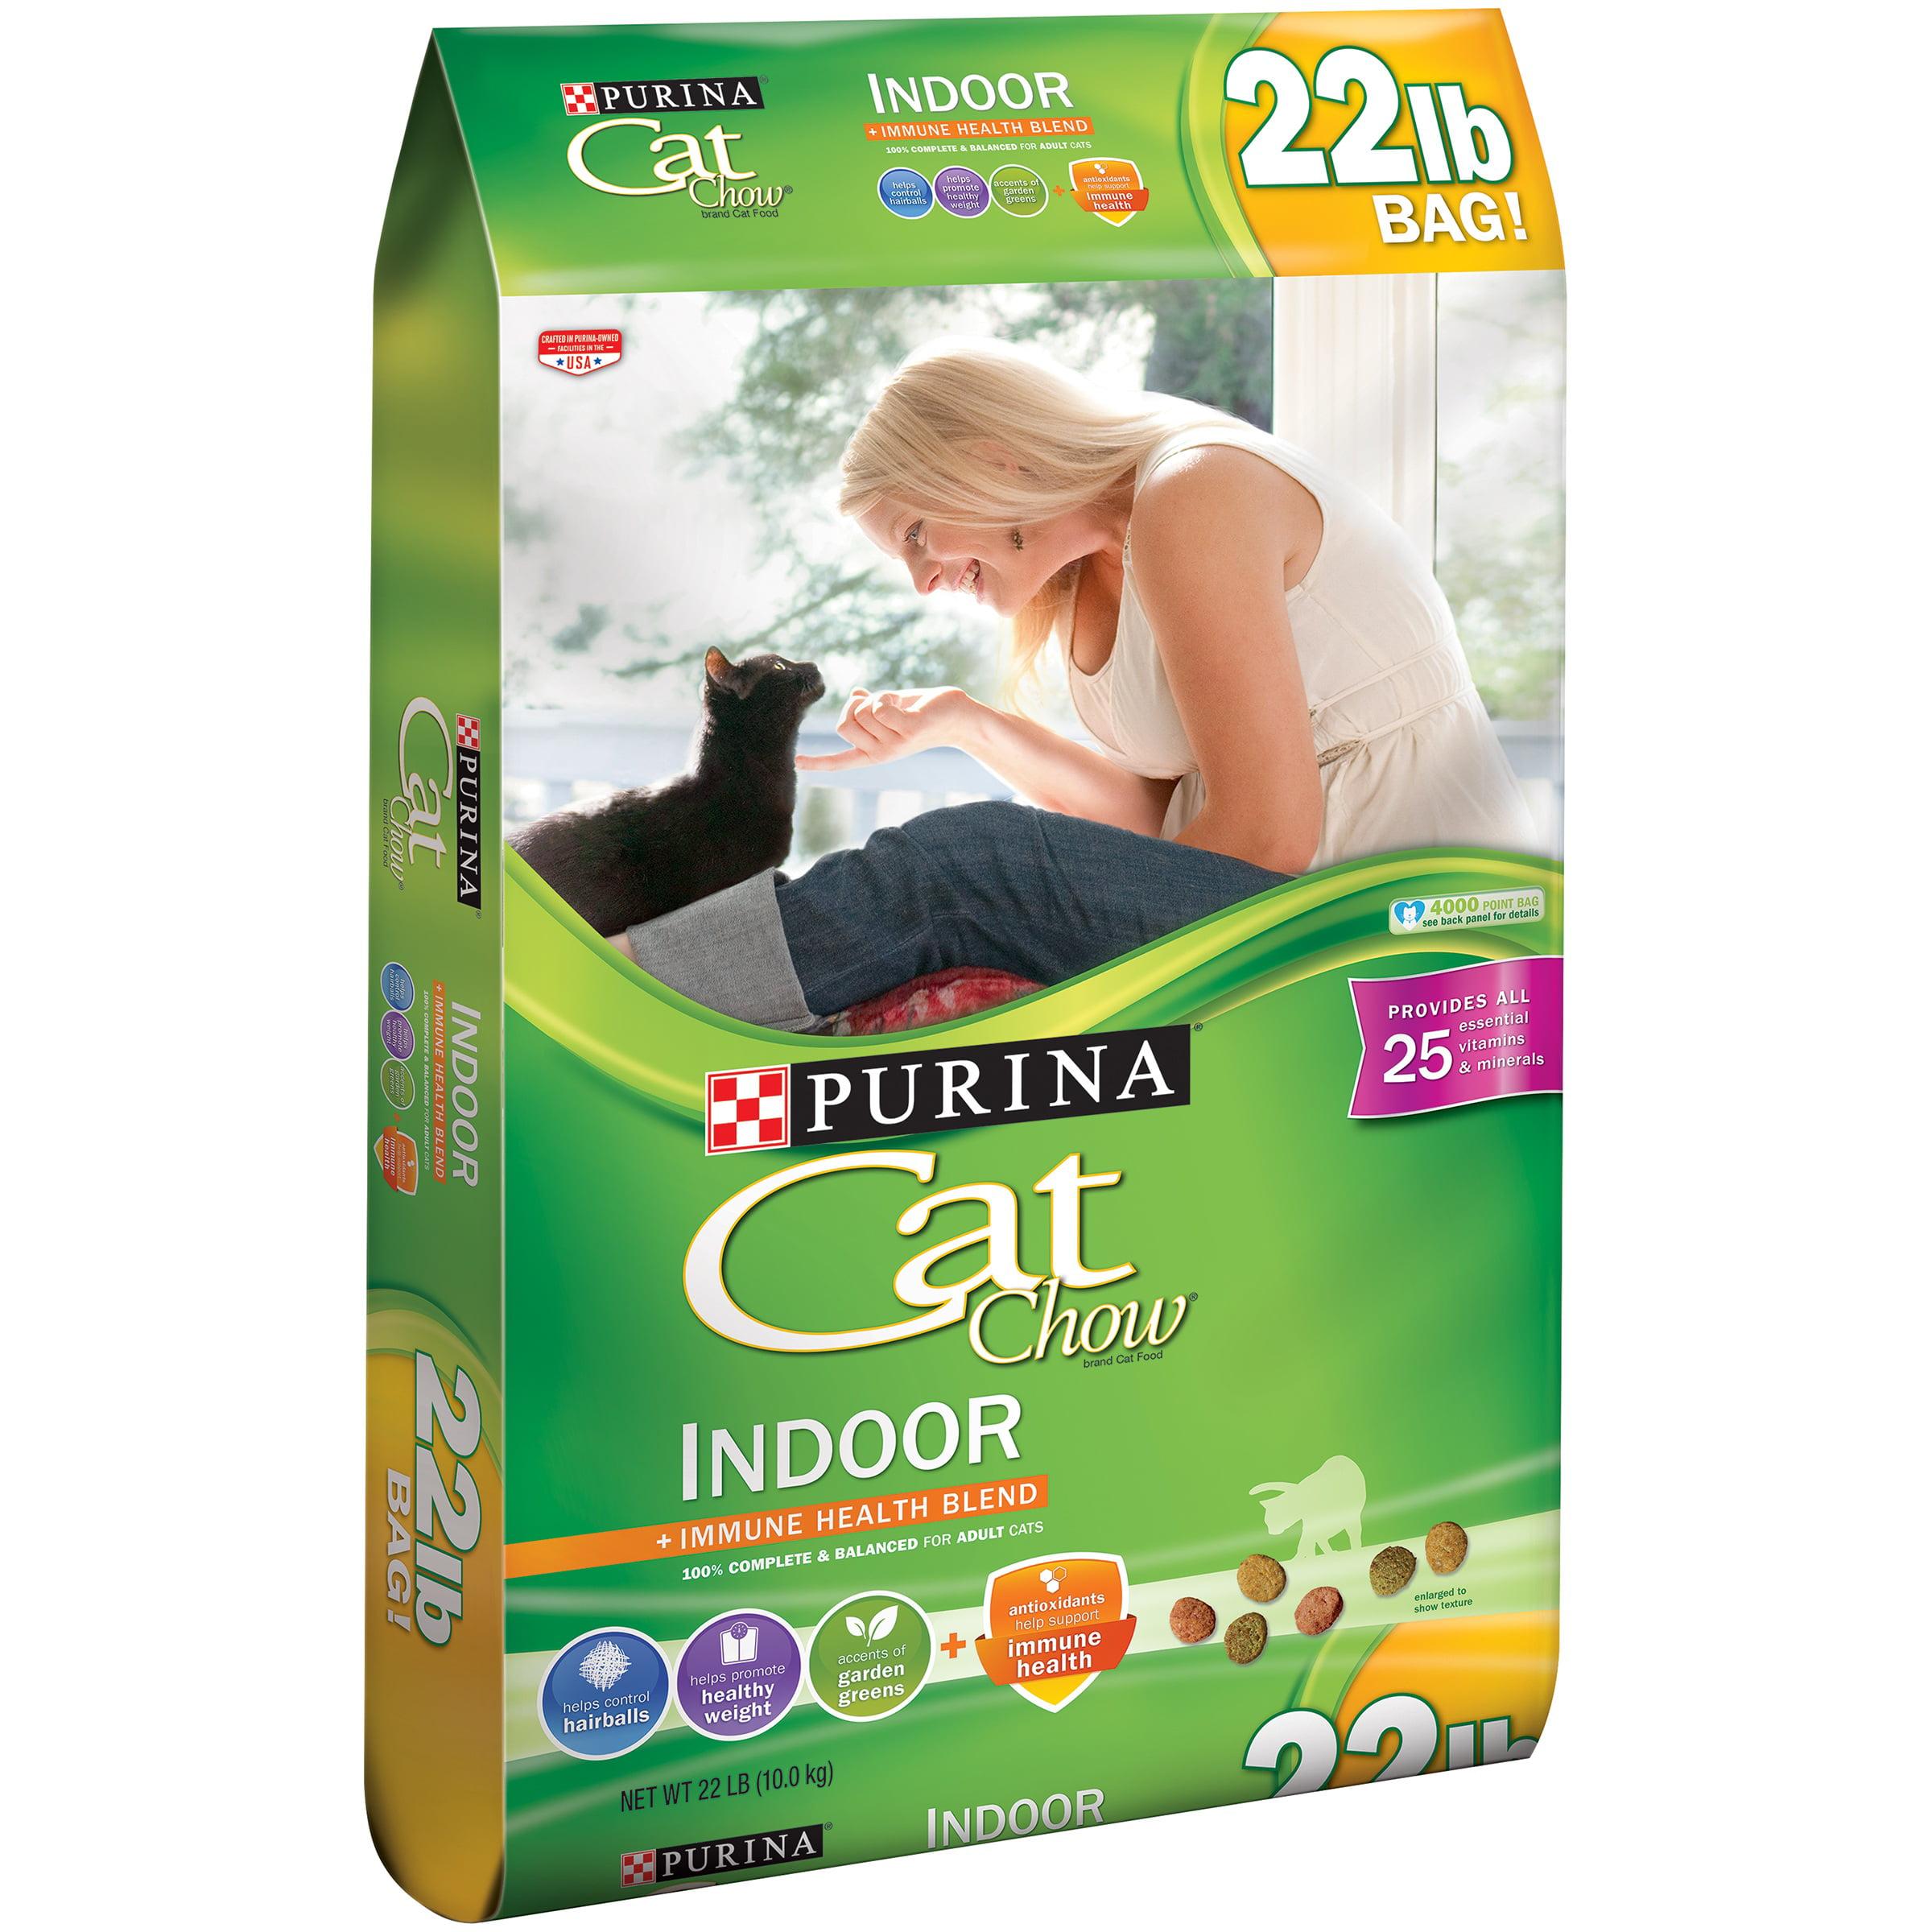 Purina Cat Chow Indoor Cat Food 22 lb. Bag